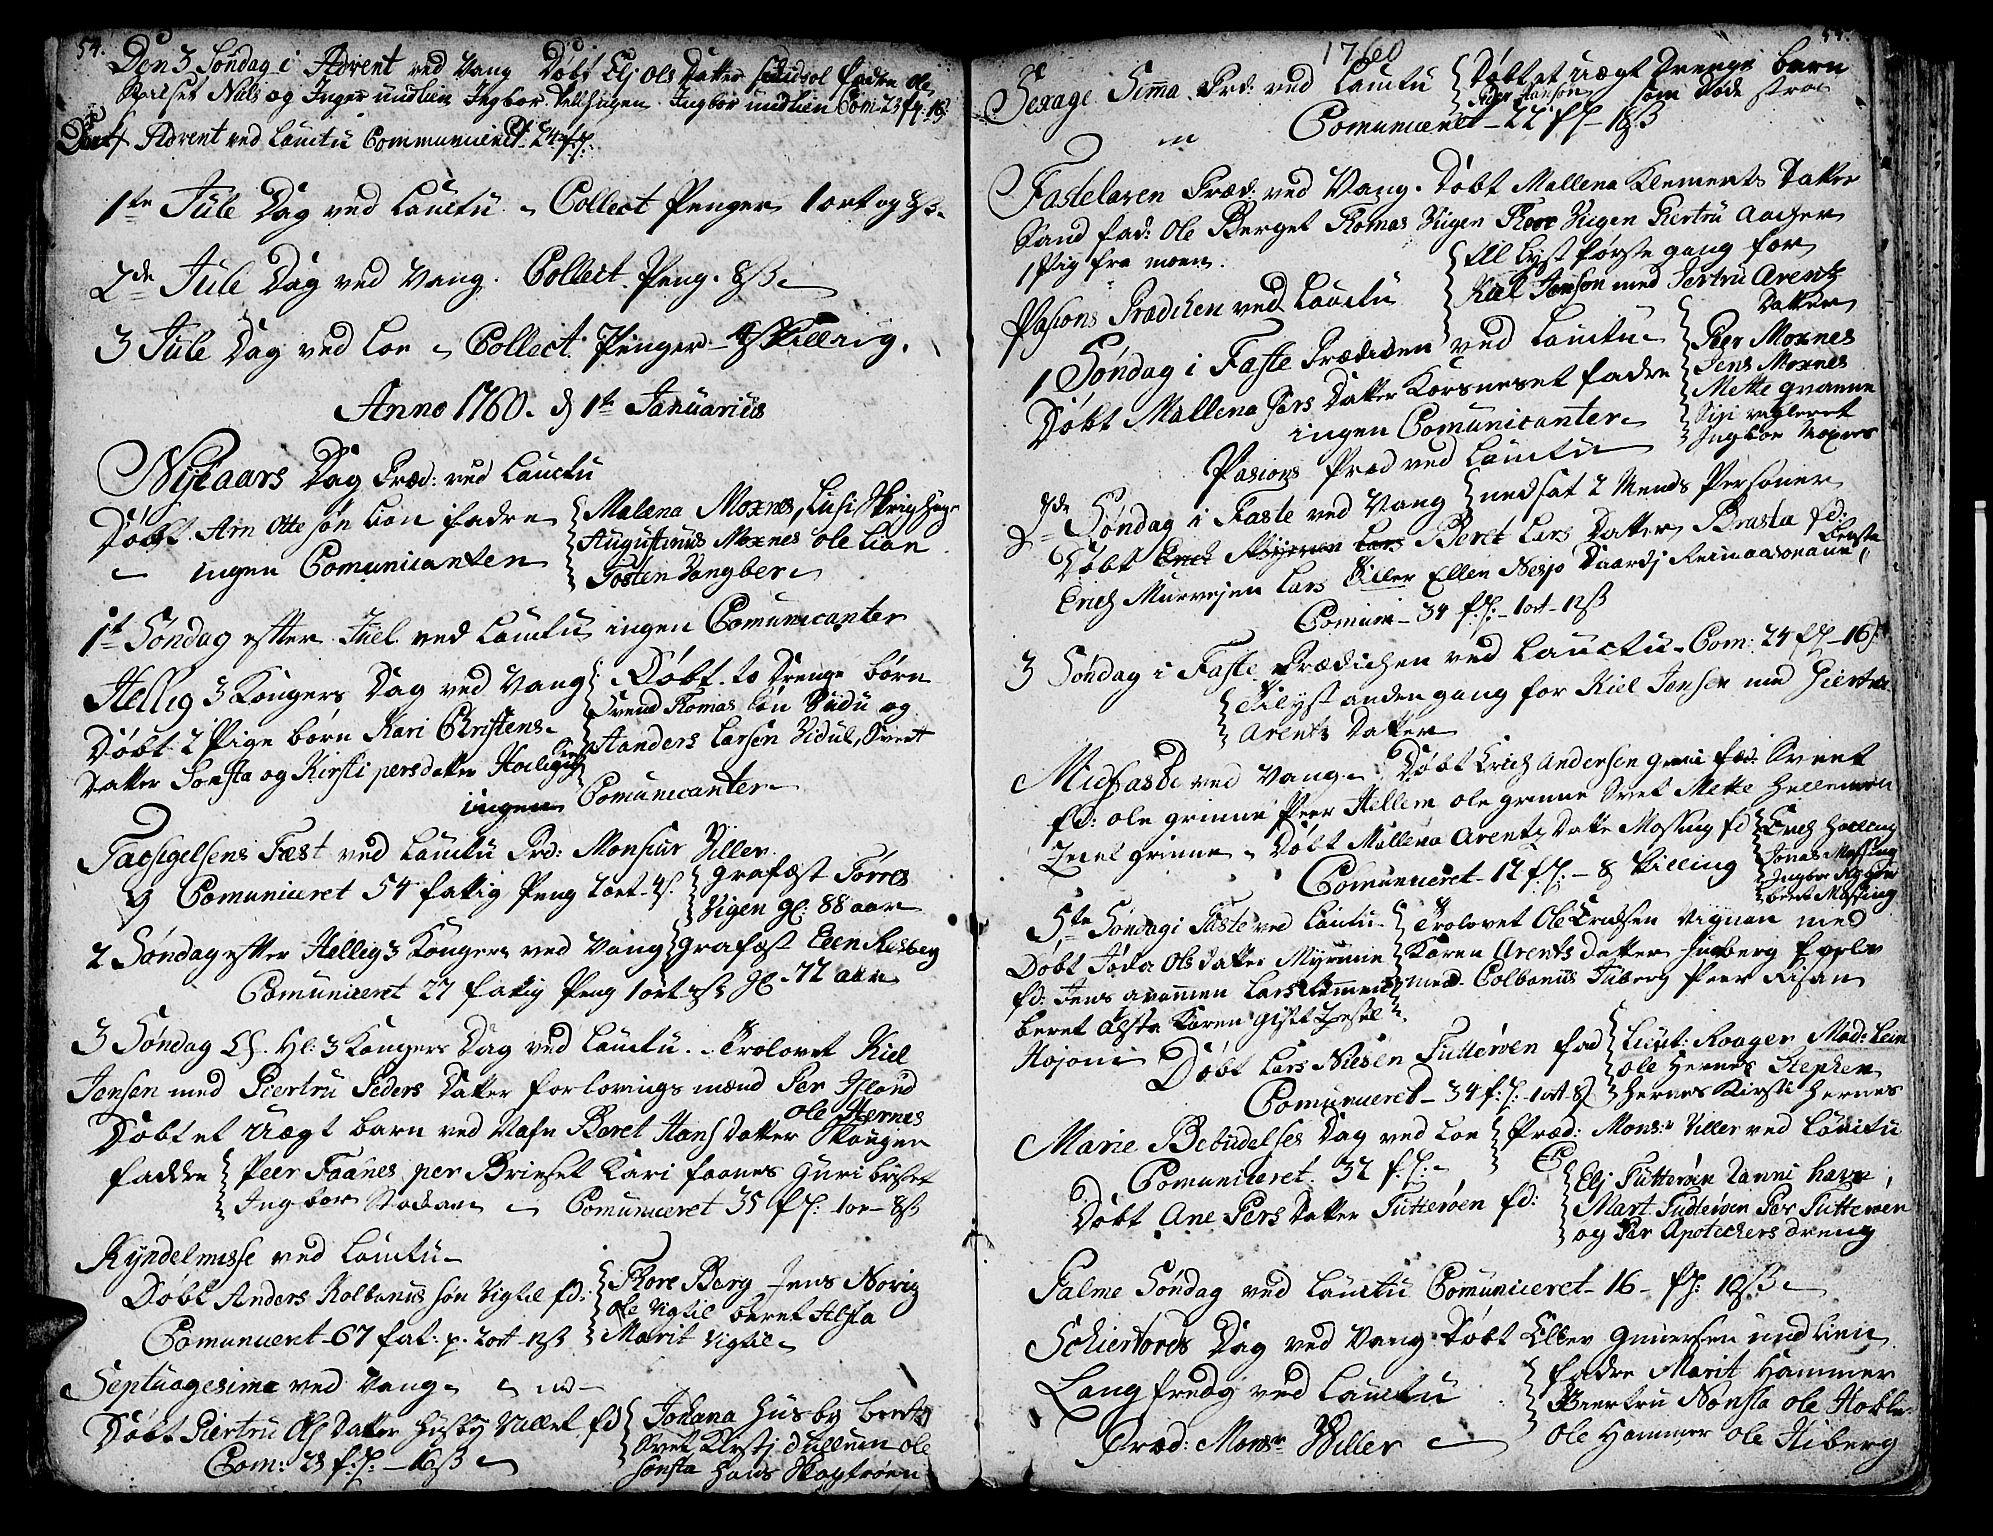 SAT, Ministerialprotokoller, klokkerbøker og fødselsregistre - Nord-Trøndelag, 713/L0109: Ministerialbok nr. 713A01, 1750-1778, s. 54-55